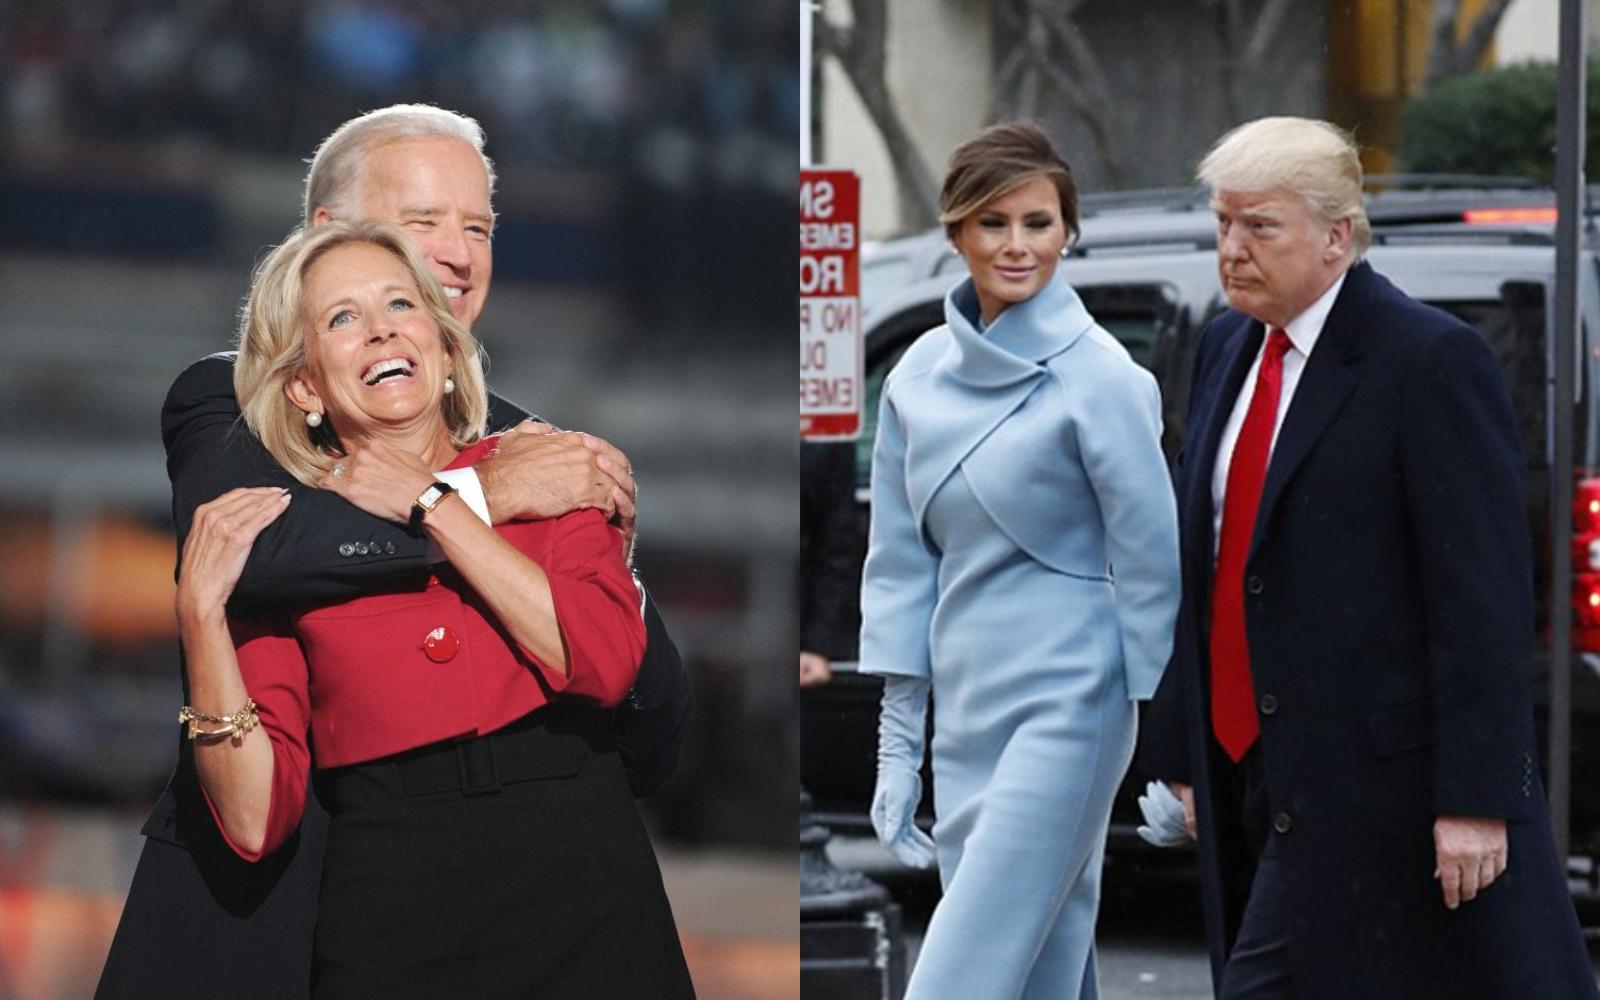 Schimbarea de la Casa Albă între Donald Trump și Joe Biden, văzută prin ochii angajaților. Ce gesturi au făcut cei doi